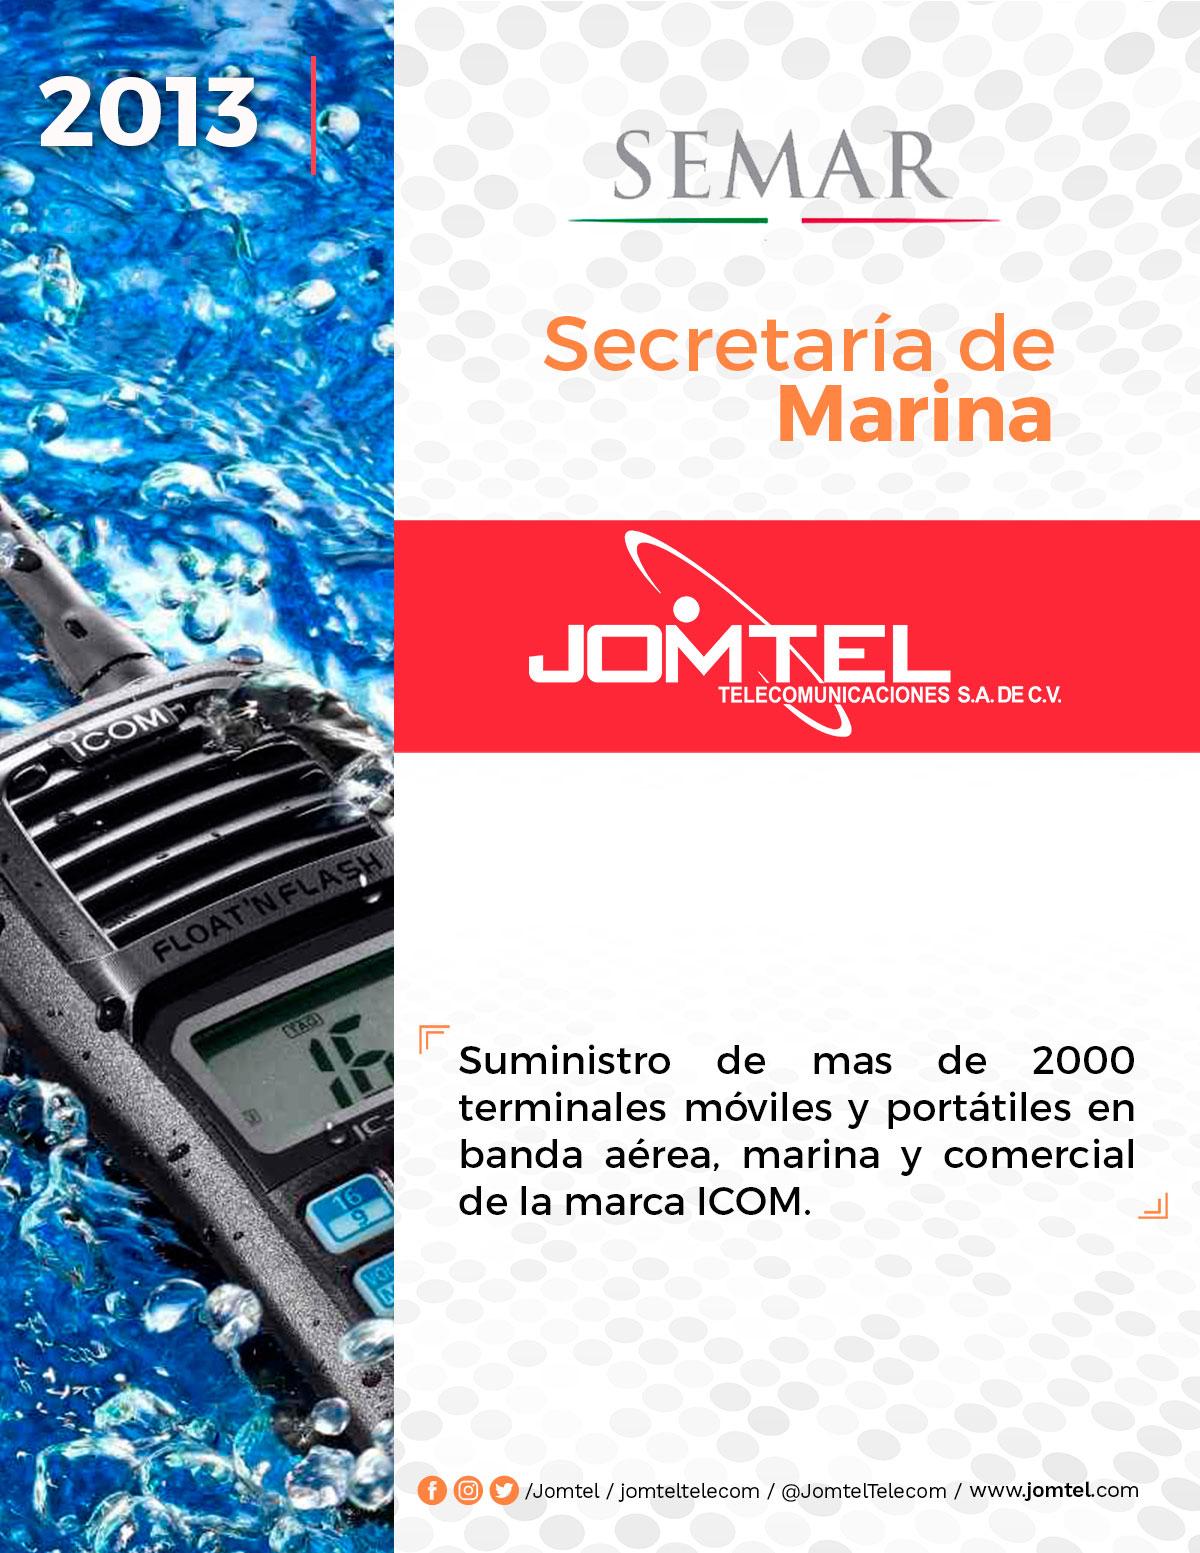 SECRETARÍA DE MARINA VENTA DE RADIOCOMUNICACIÓN JOMTEL